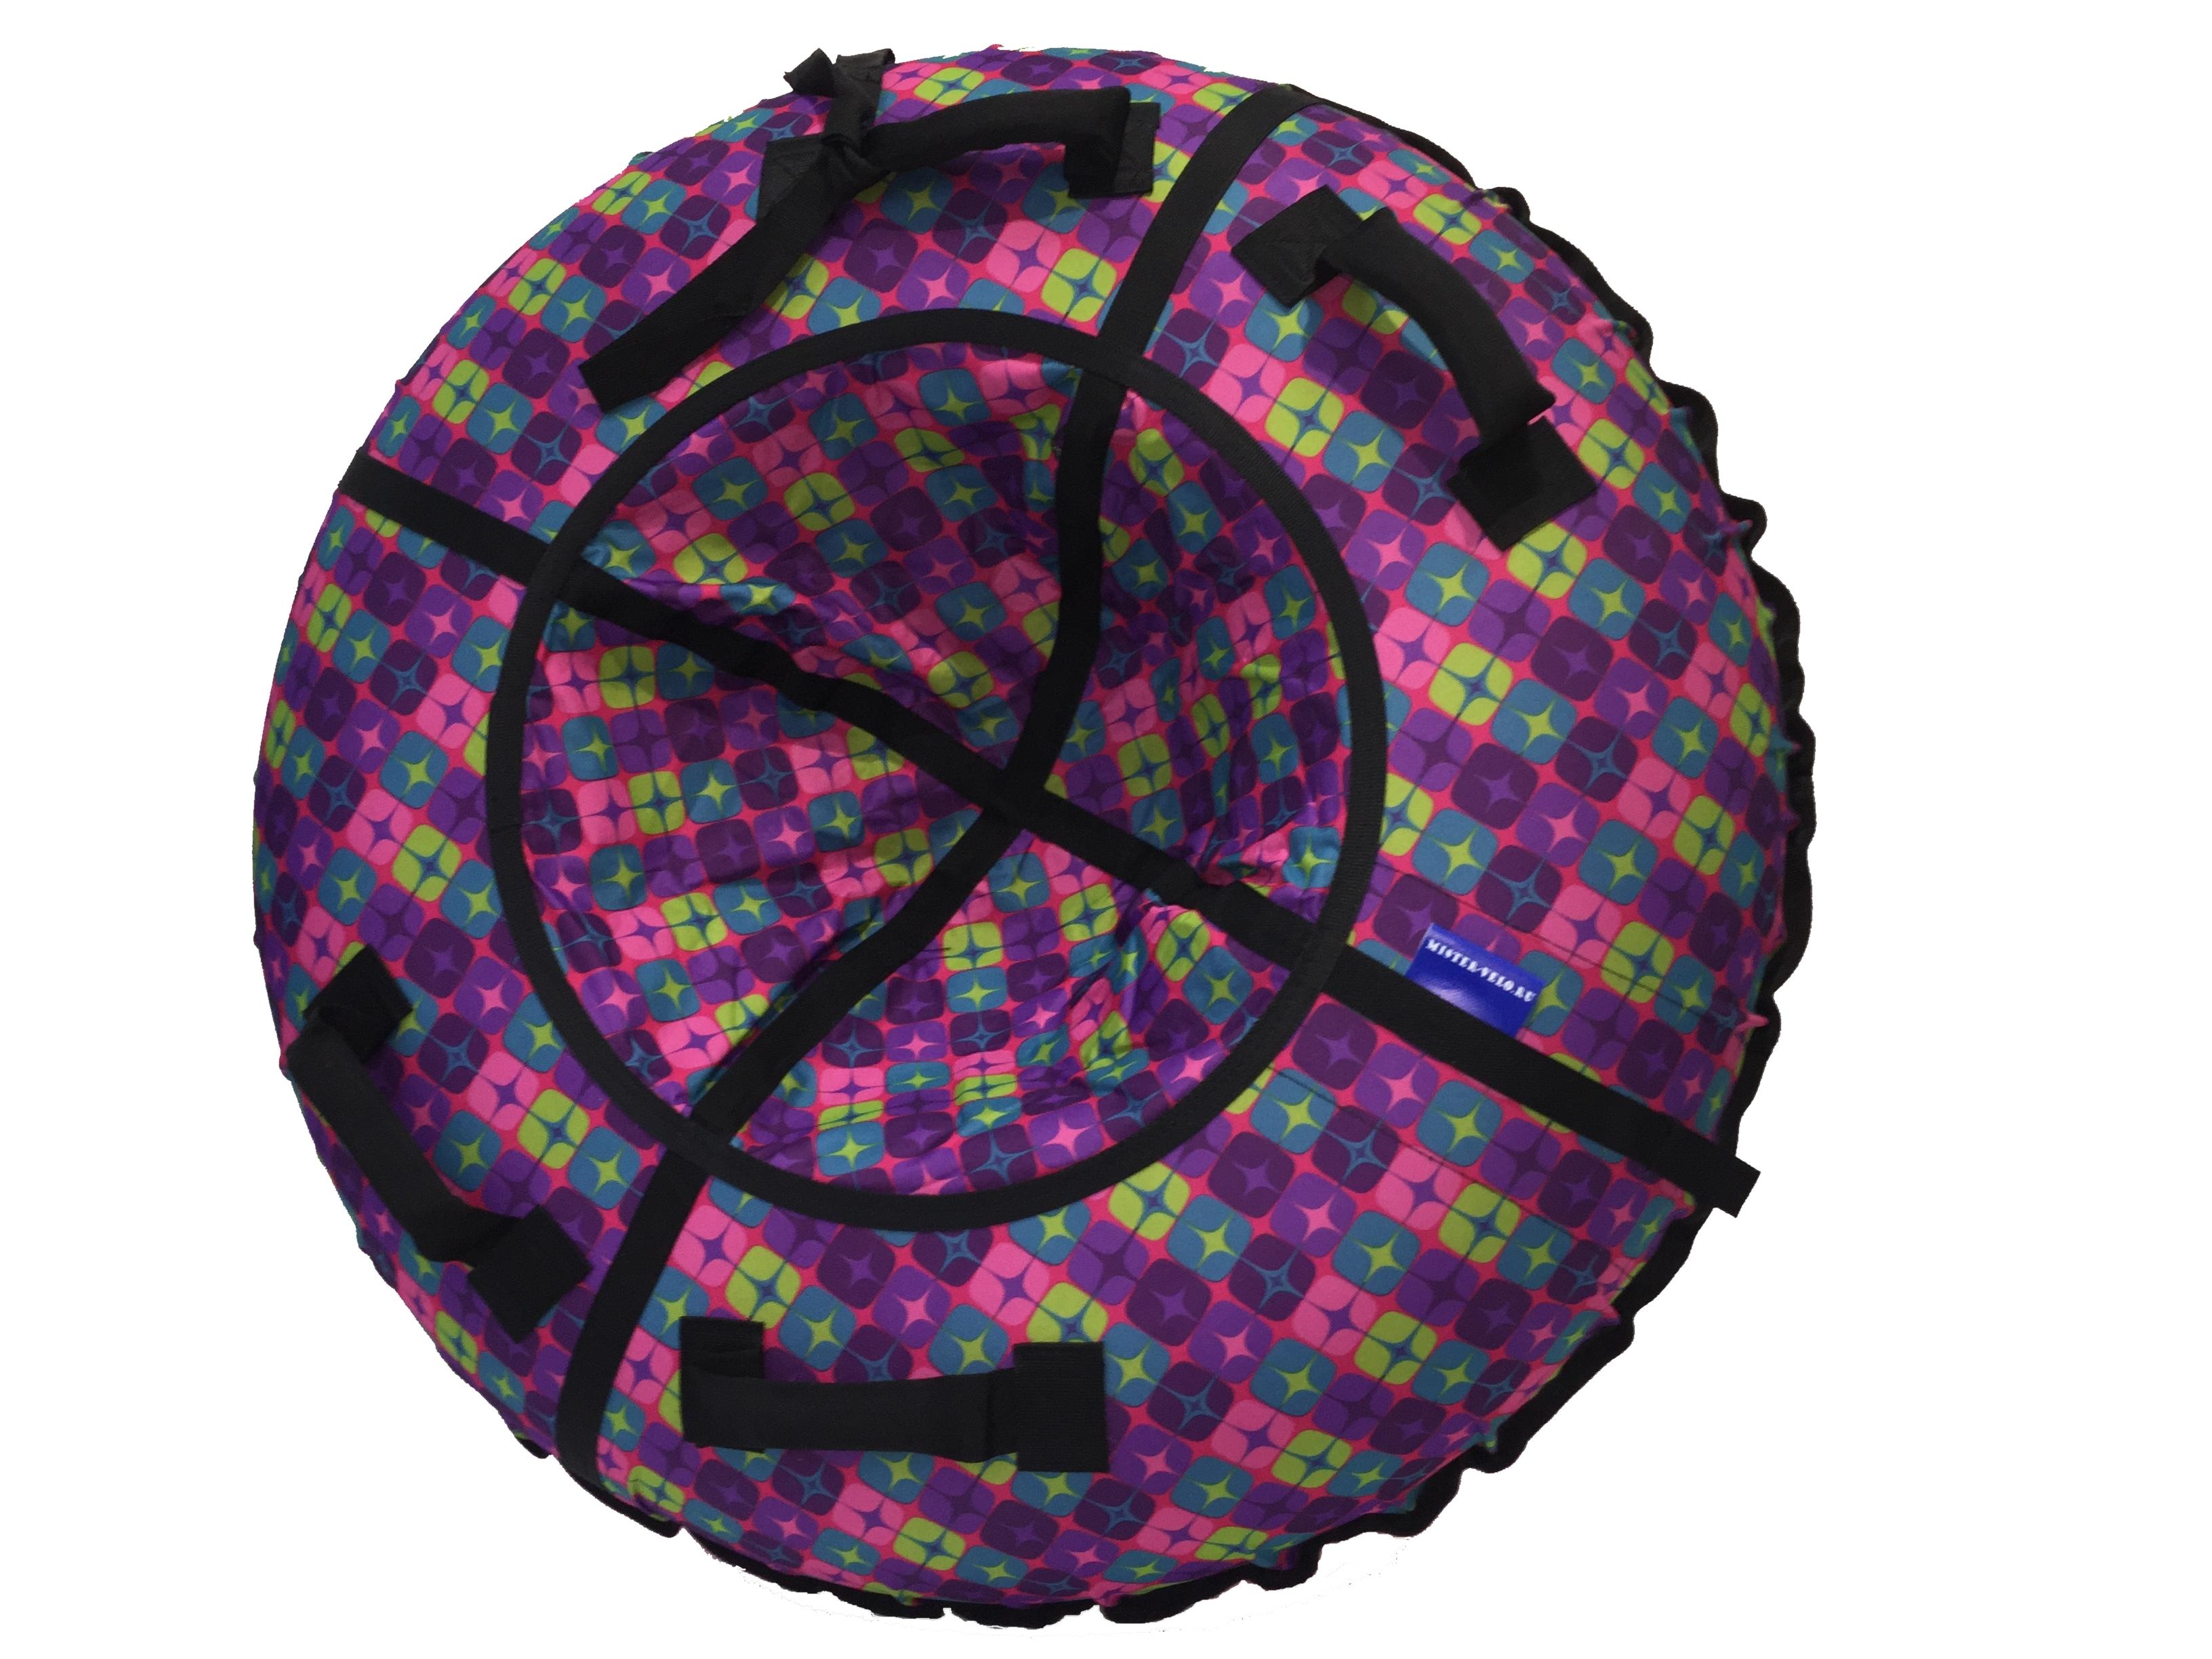 Тюбинг Мистер Вело Standart Разноцветные квадраты со звездами 105 см